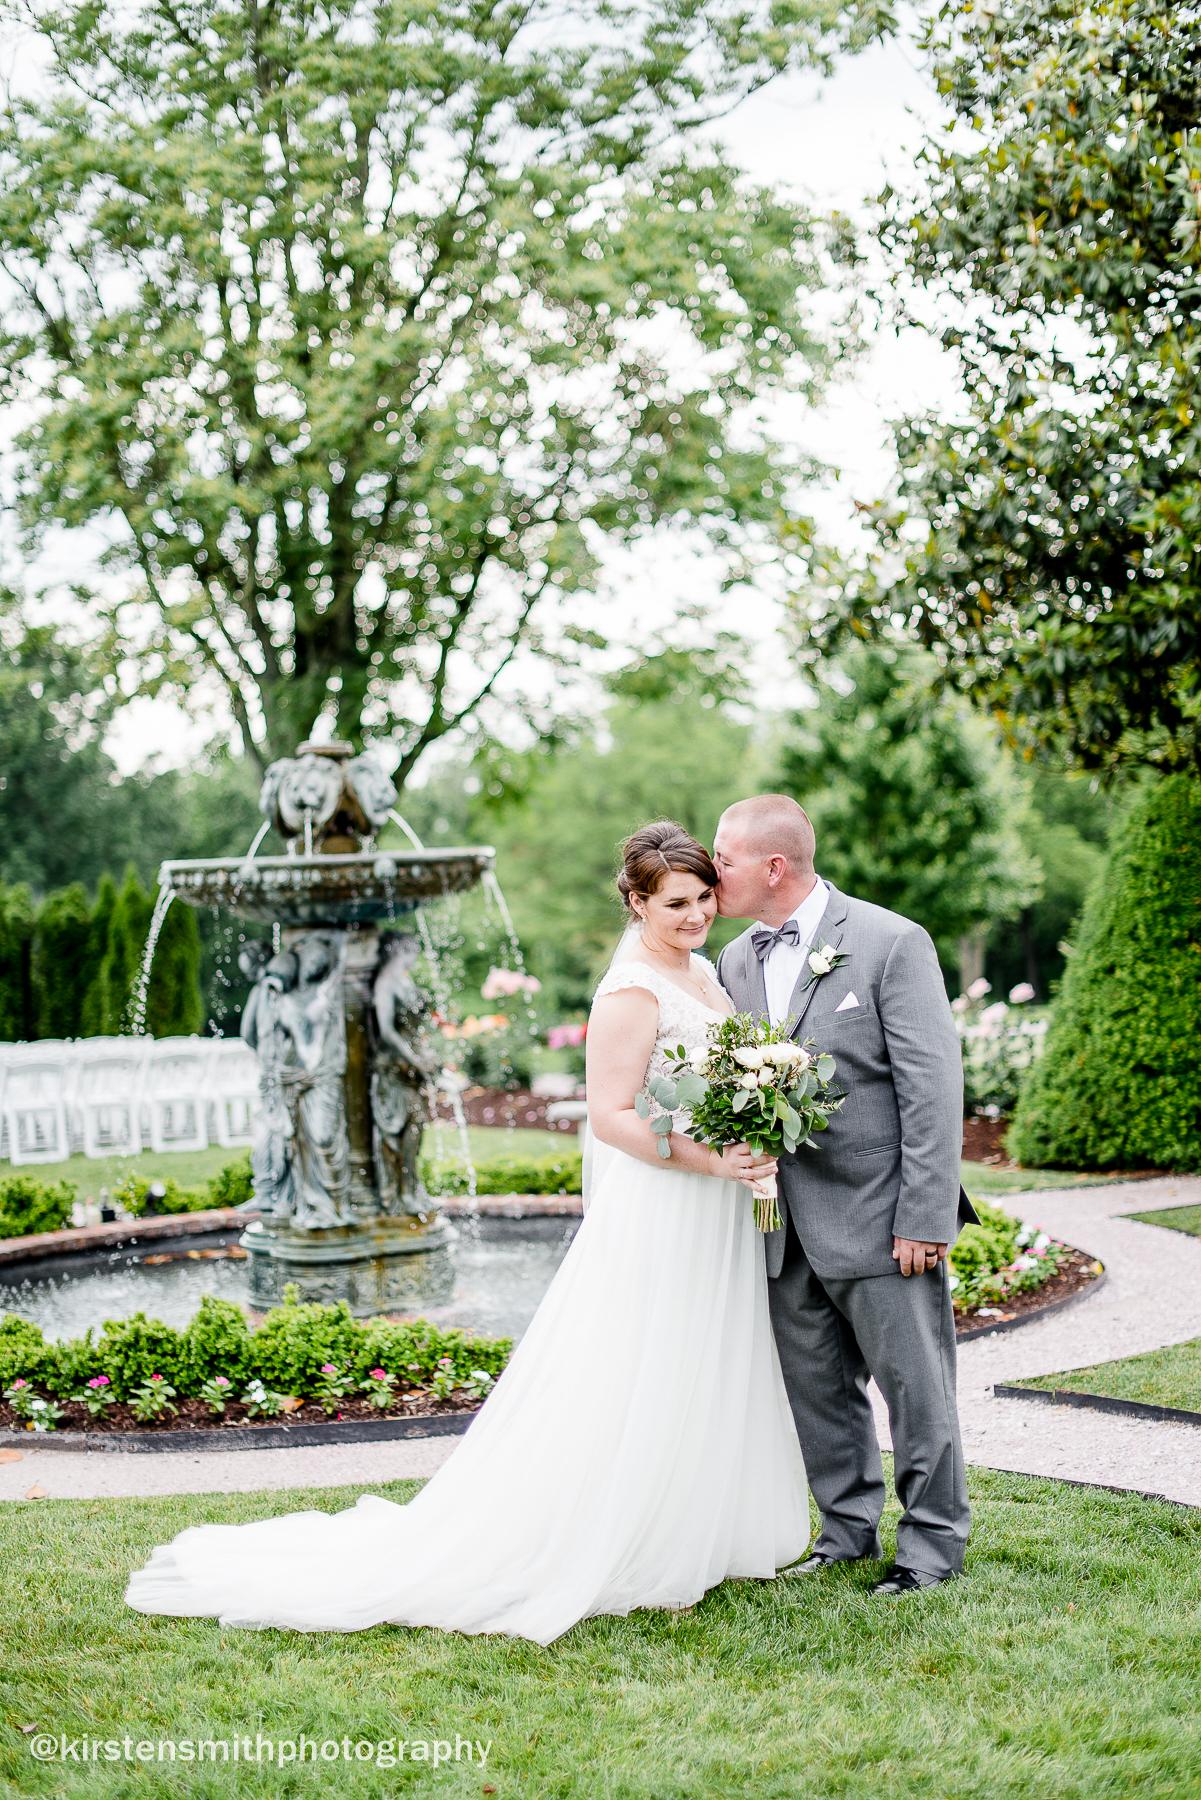 0387Kirsten-Smith-Photography-Michelle-Seth-Wedding-.jpg